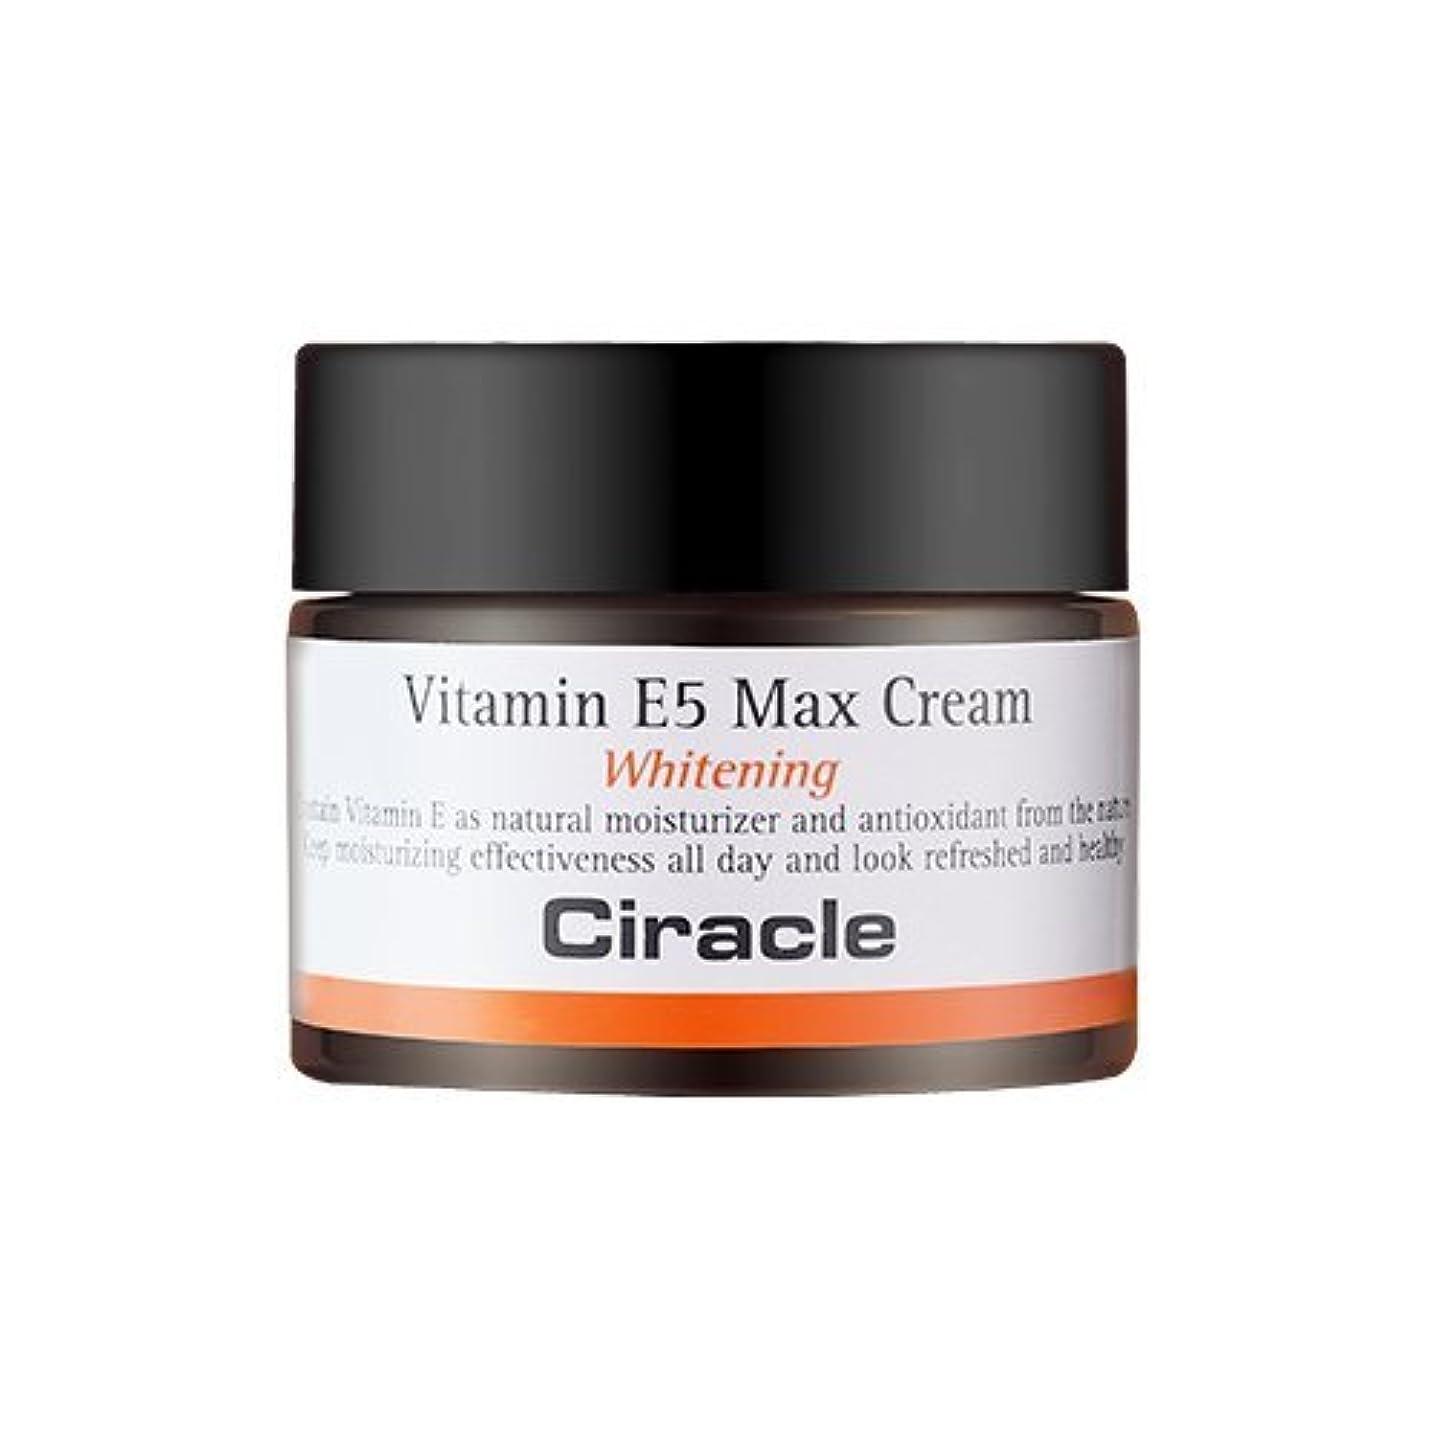 戦闘辞任するゼロCiracle Vitamin E5 Max Cream シラクル ビタミンE5 マックス クリーム 50ml [並行輸入品]